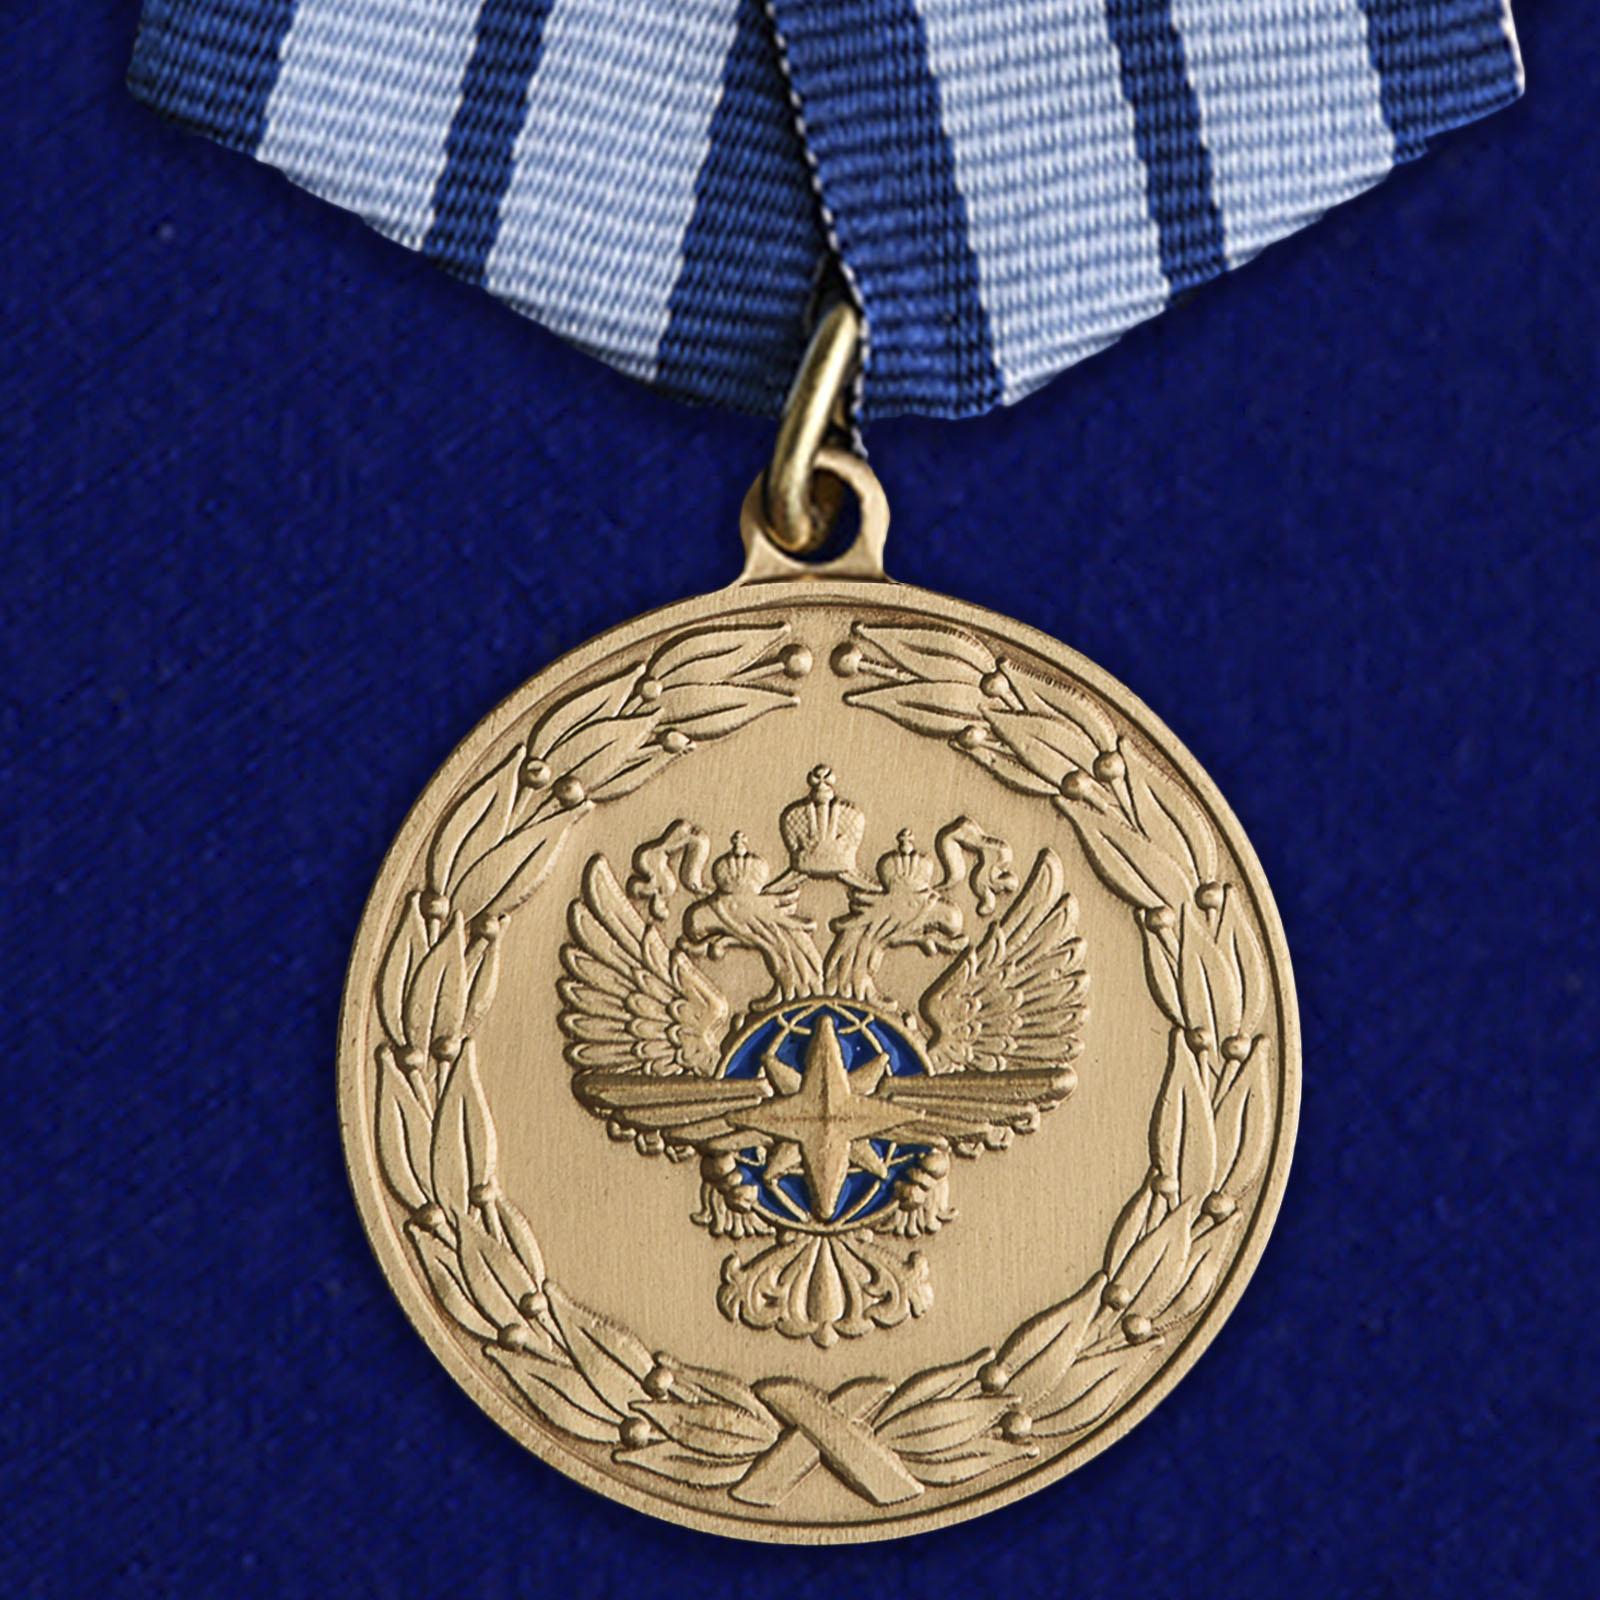 Купить медаль За заслуги в развитии транспортного комплекса России на подставке в подарок